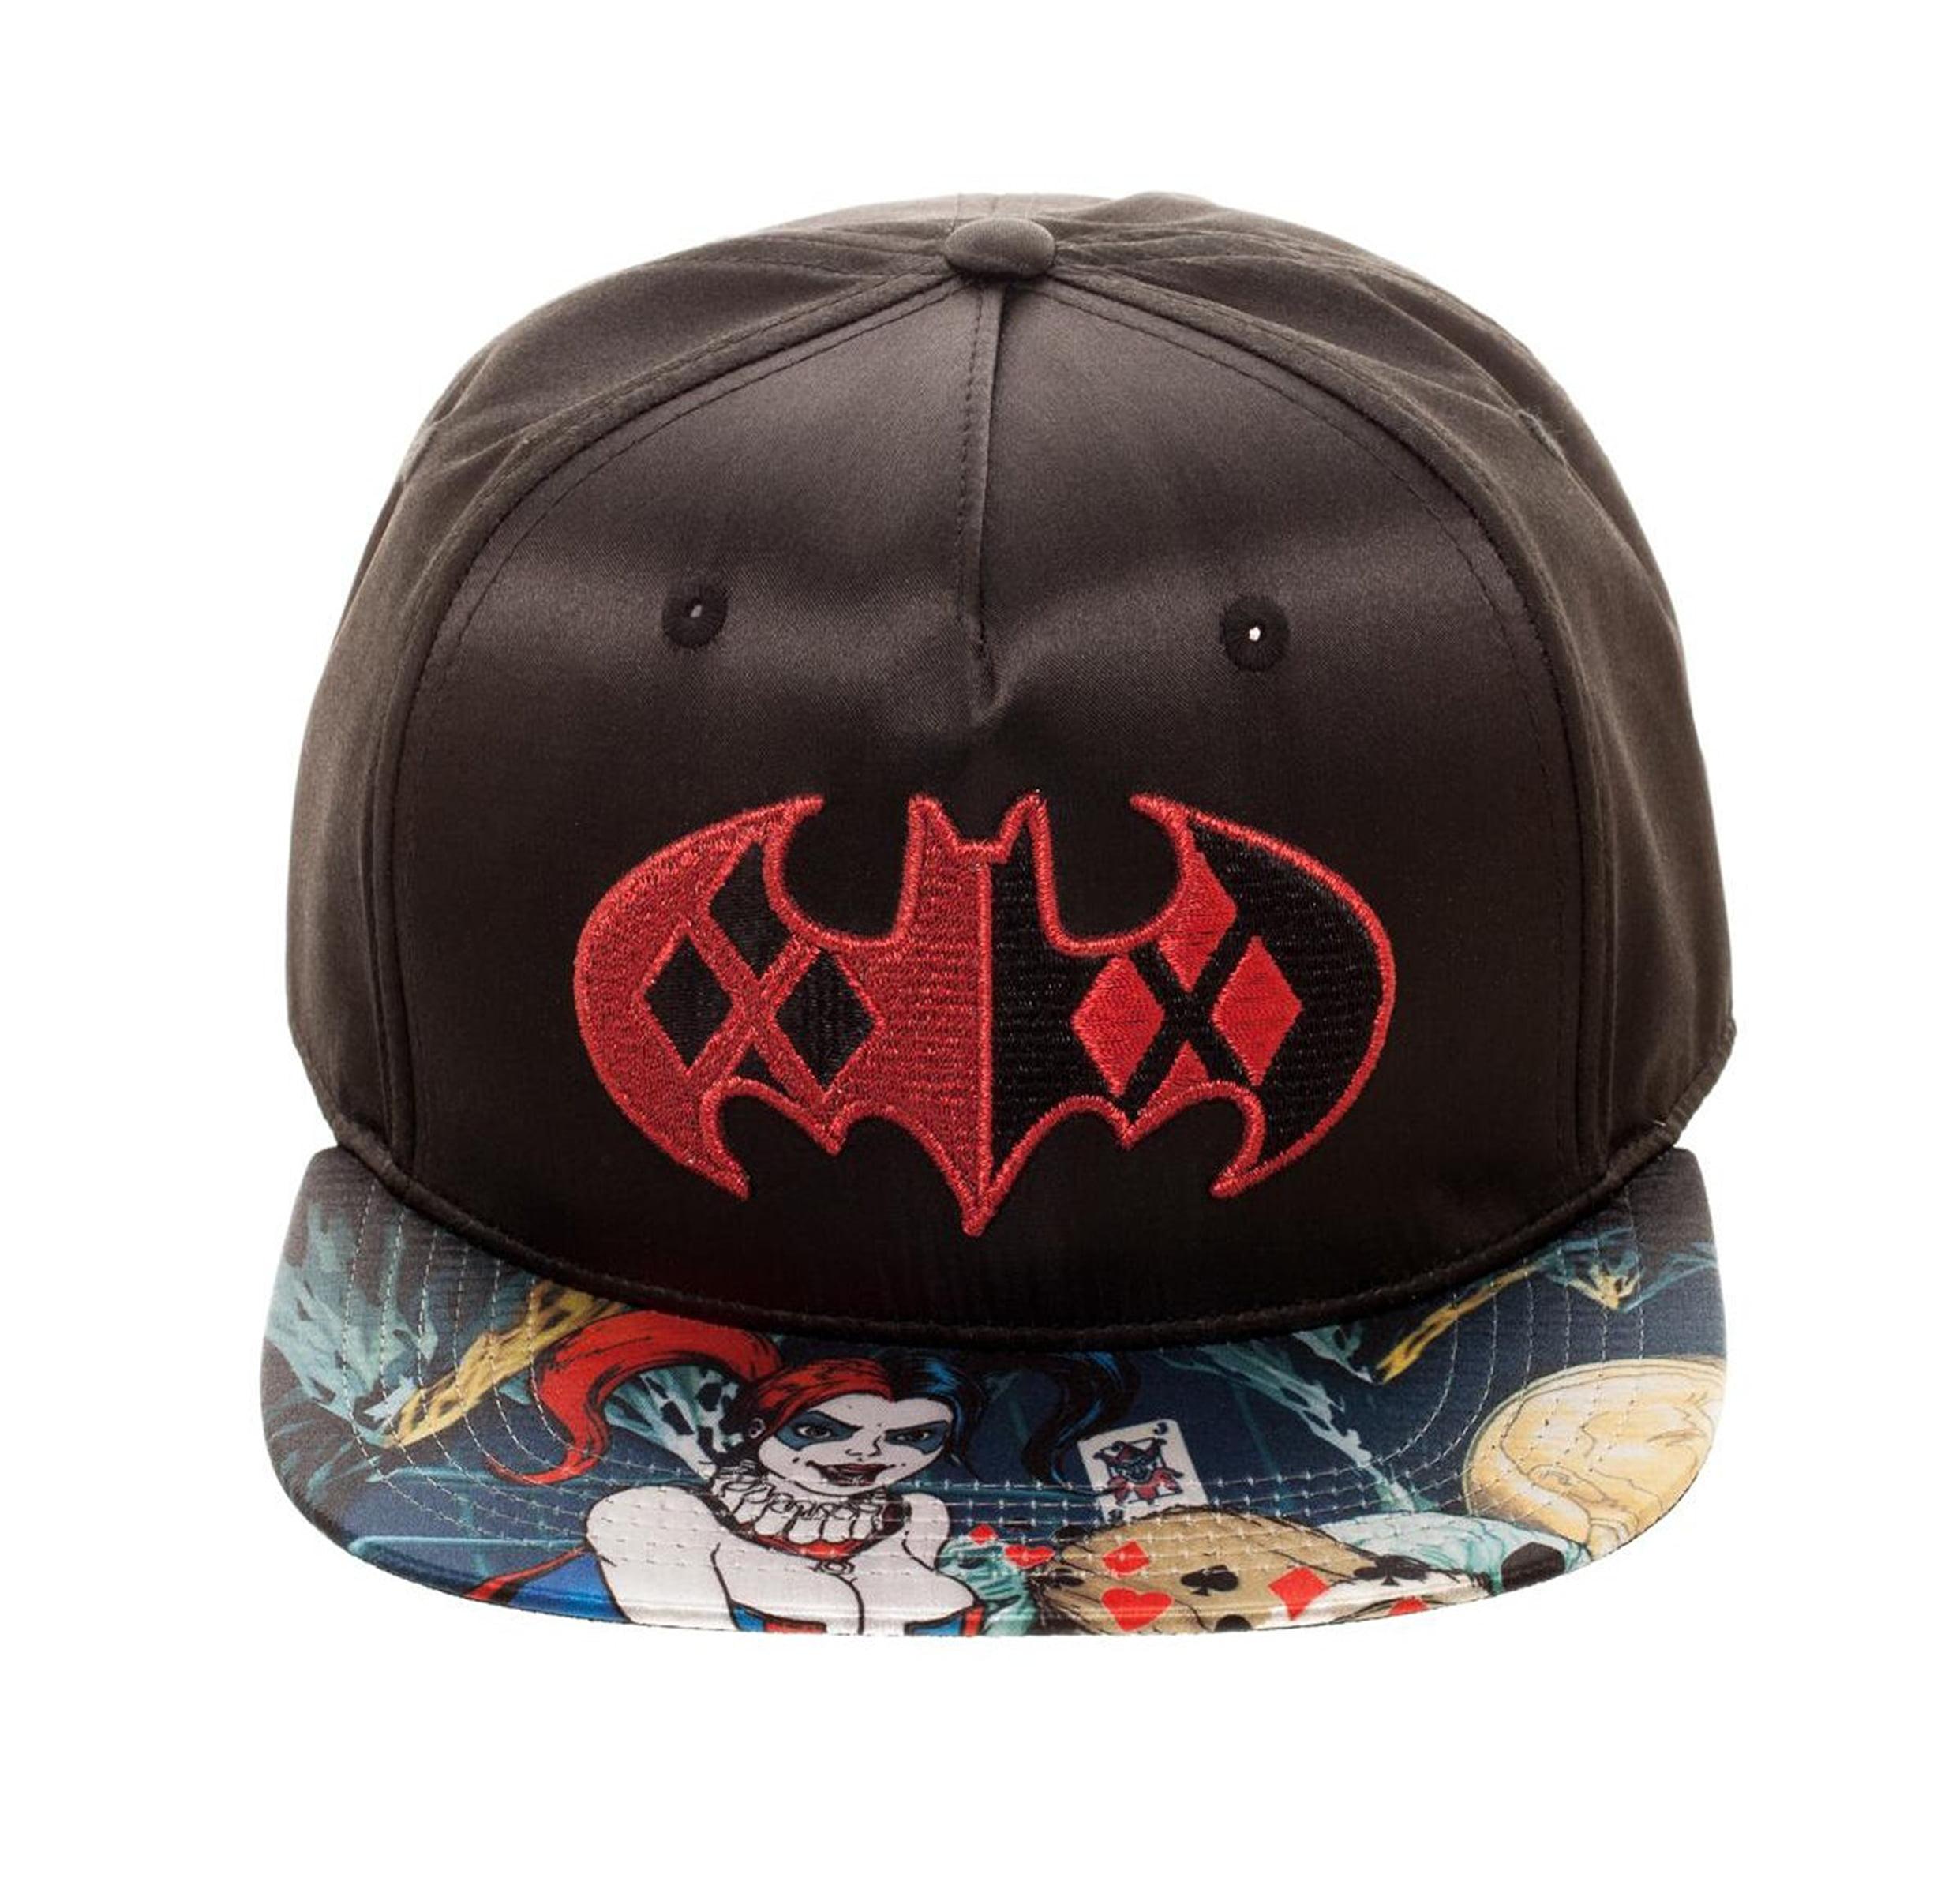 5e21d59815c20 Women s Hats   Caps